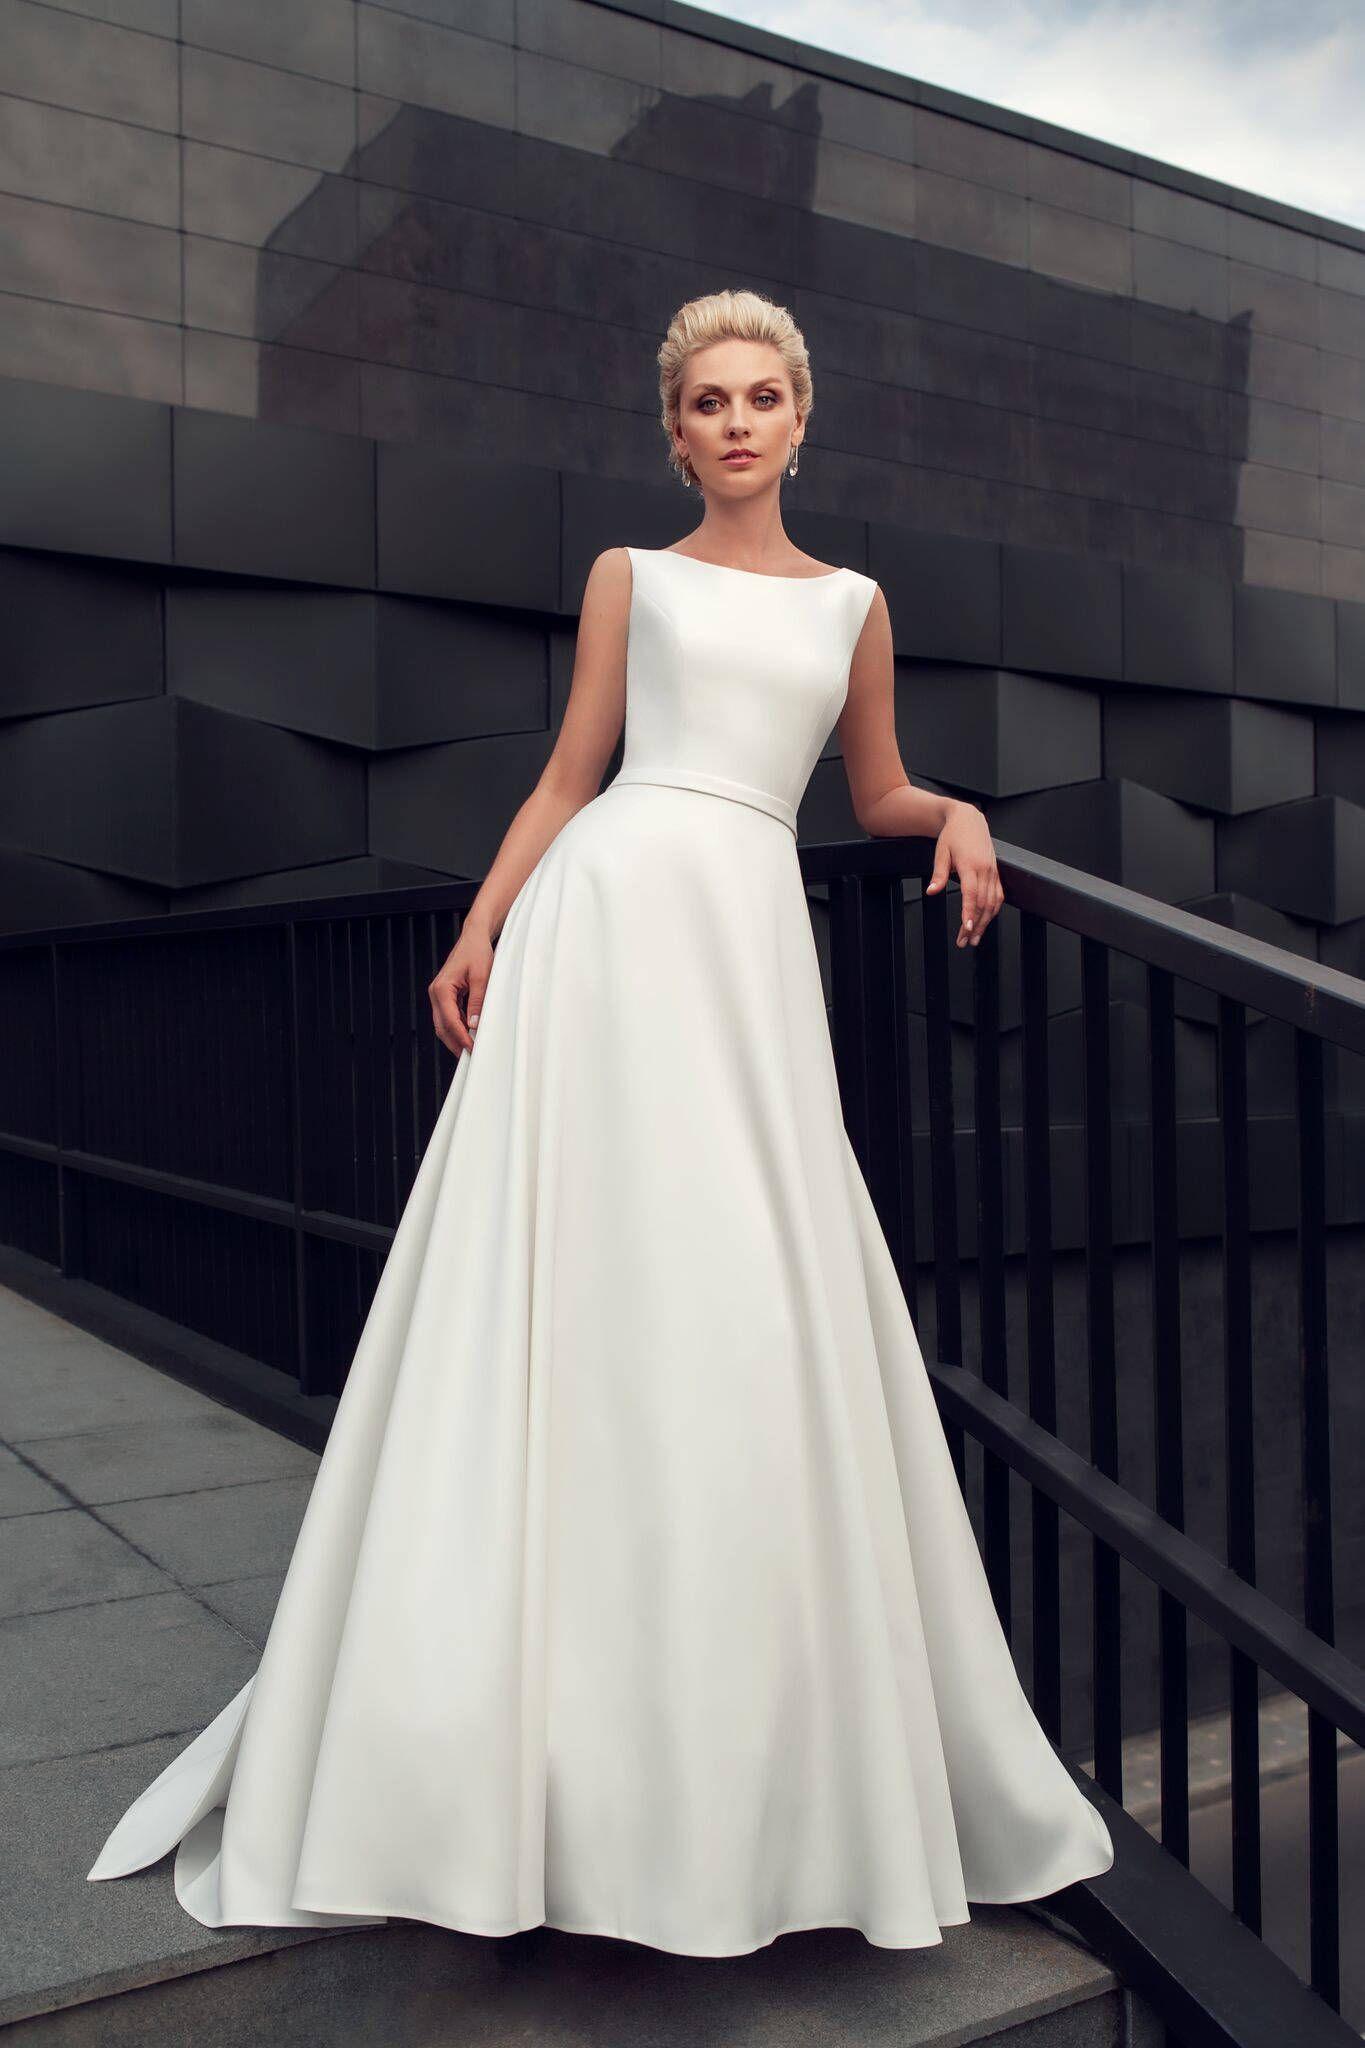 Modern wedding gown modern wedding dress simple stylish